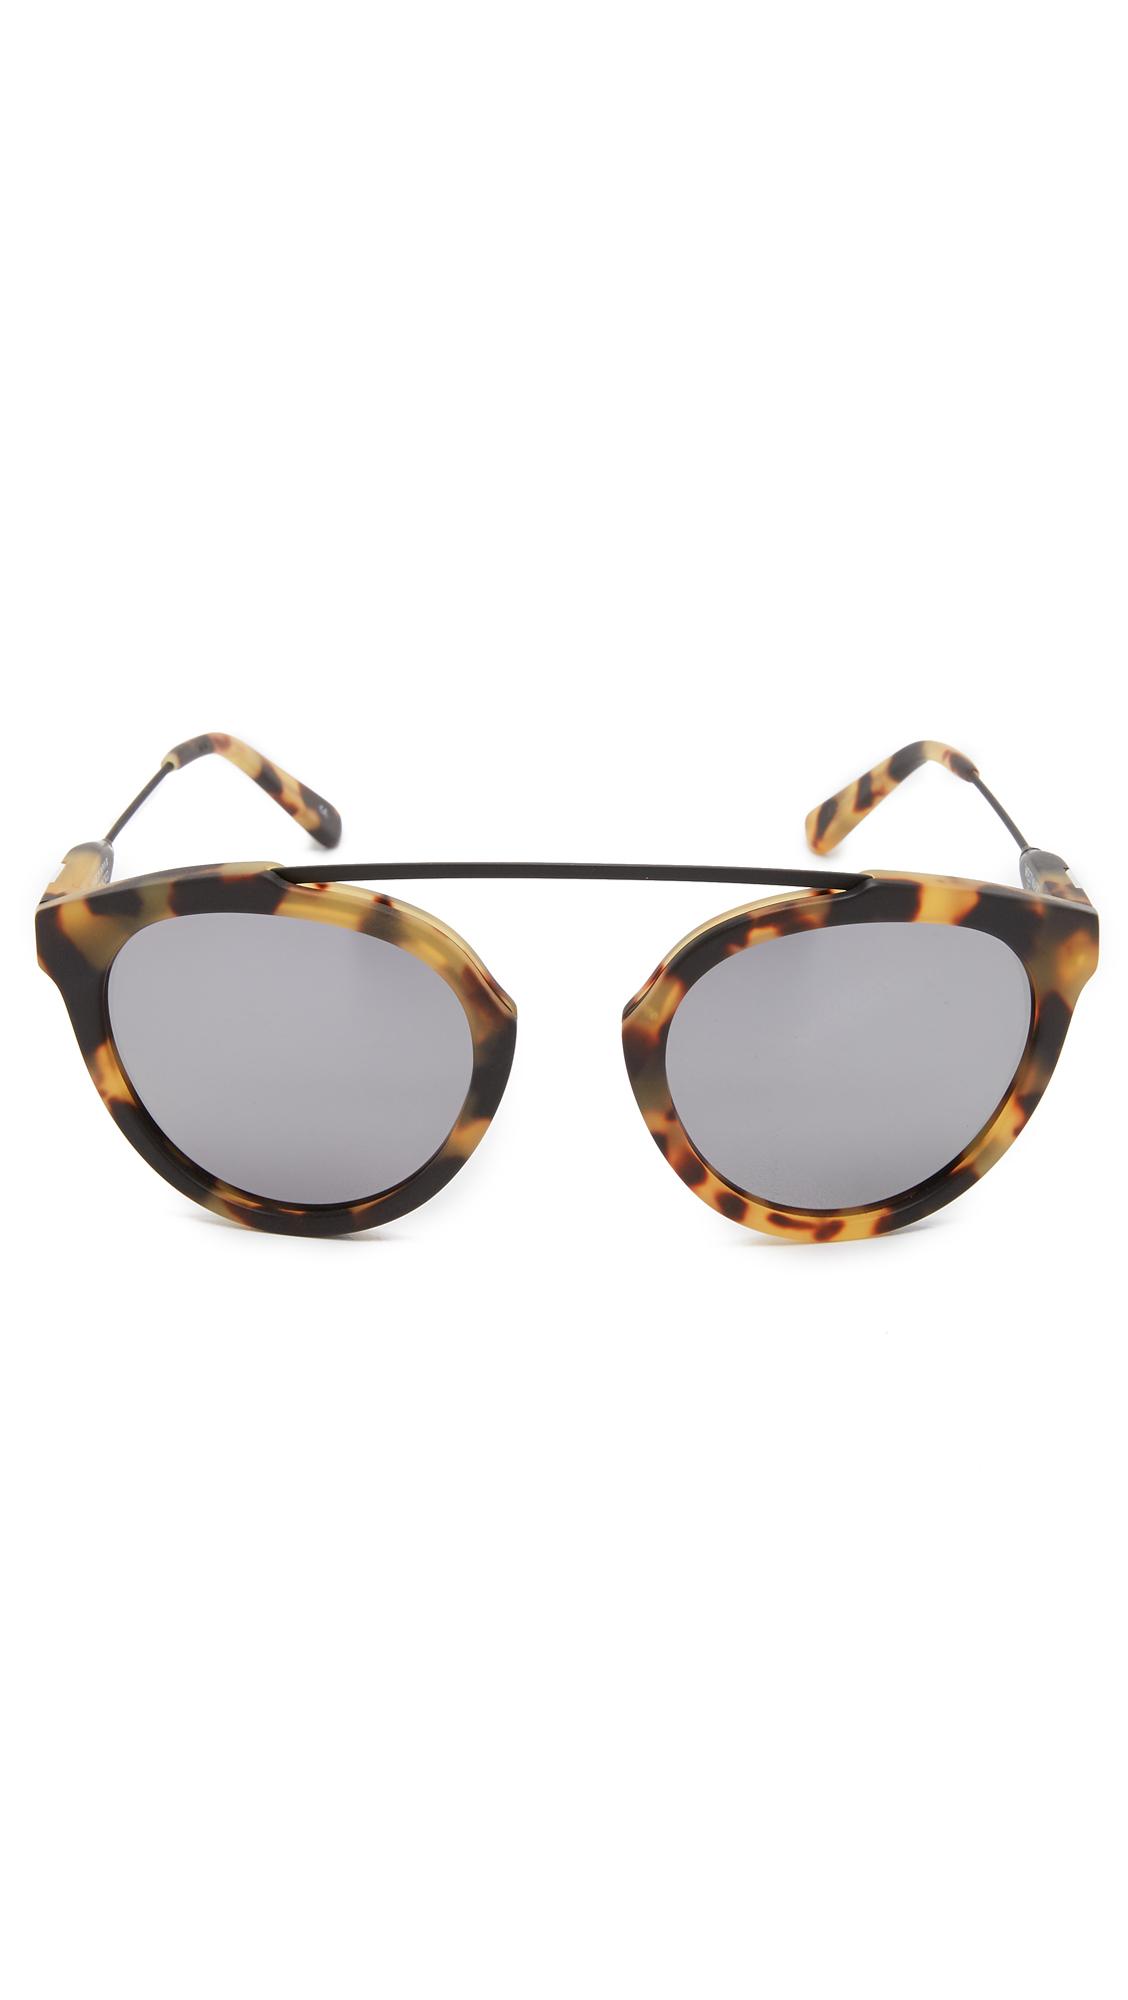 Westward Brown Sunglasses Leaning Men 1 Lyst For In Flower fF14wqrxfH